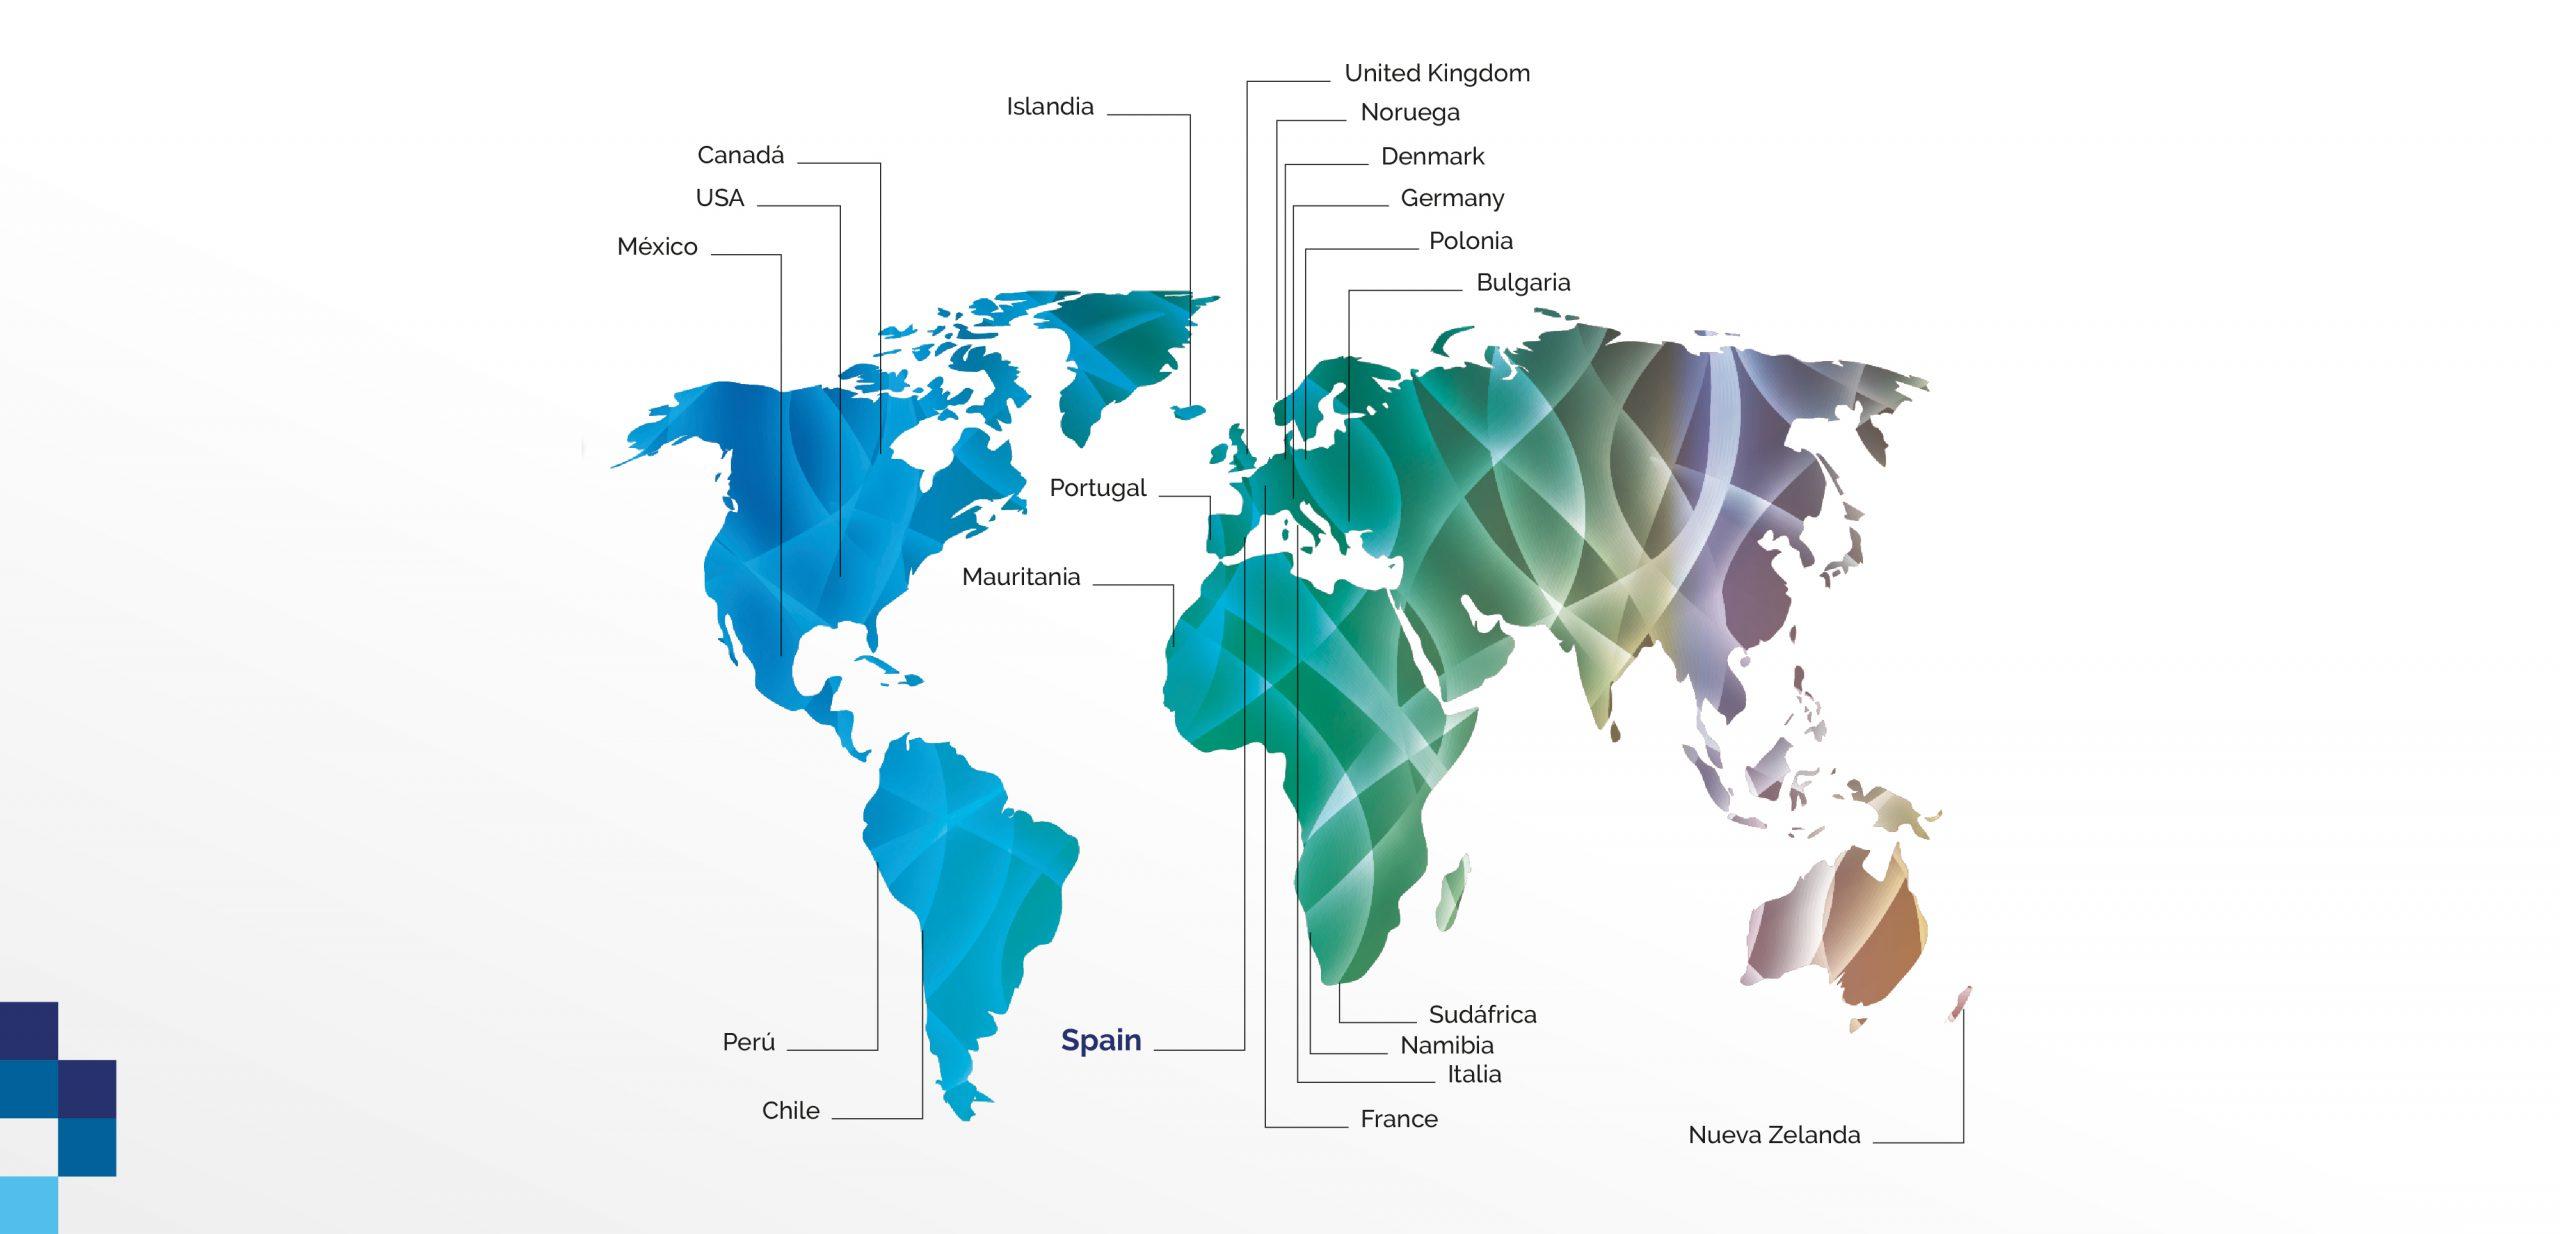 productos iberland - Mapa de exportación